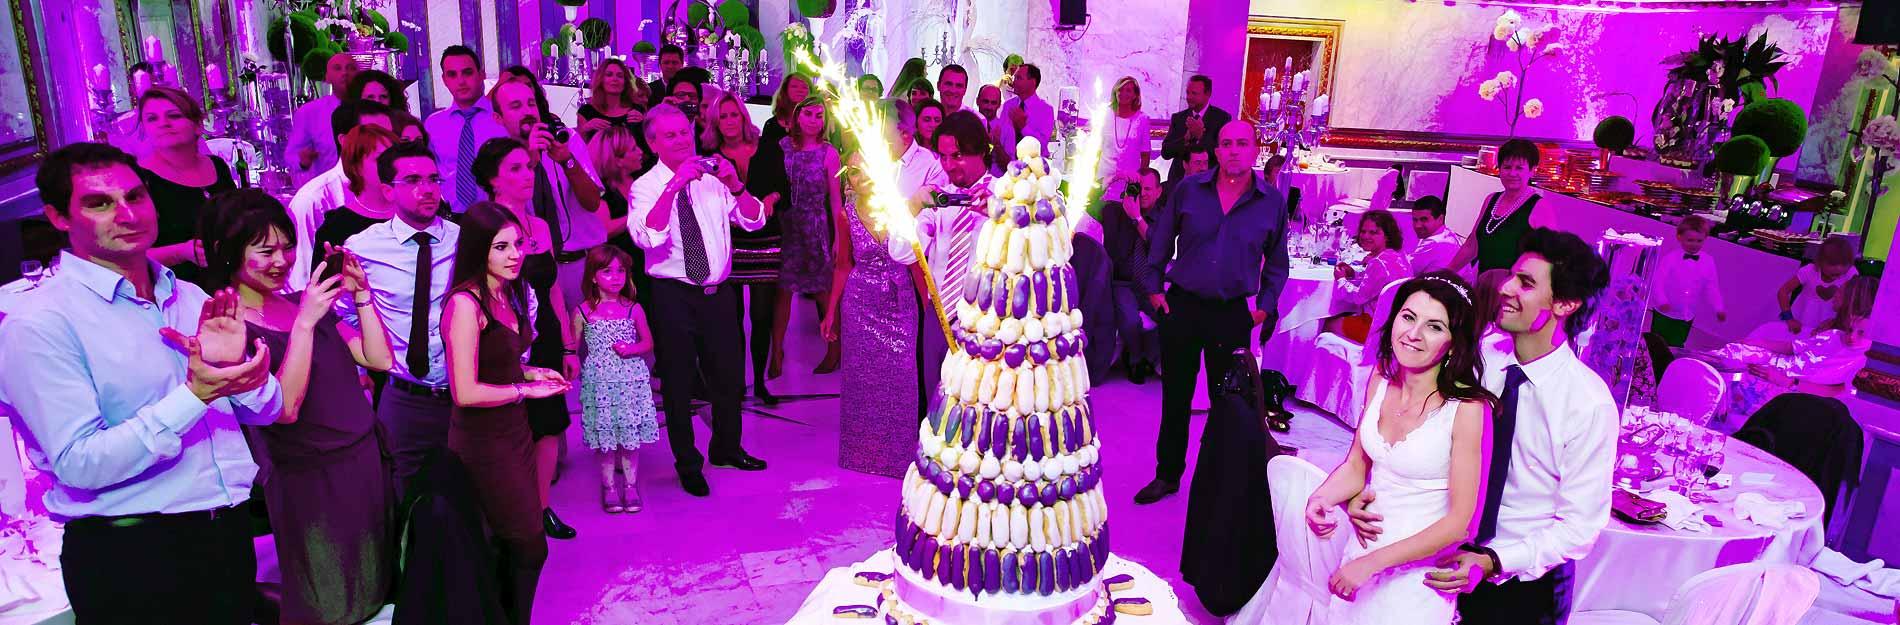 Mariage juif aux Salons Hoche à Paris